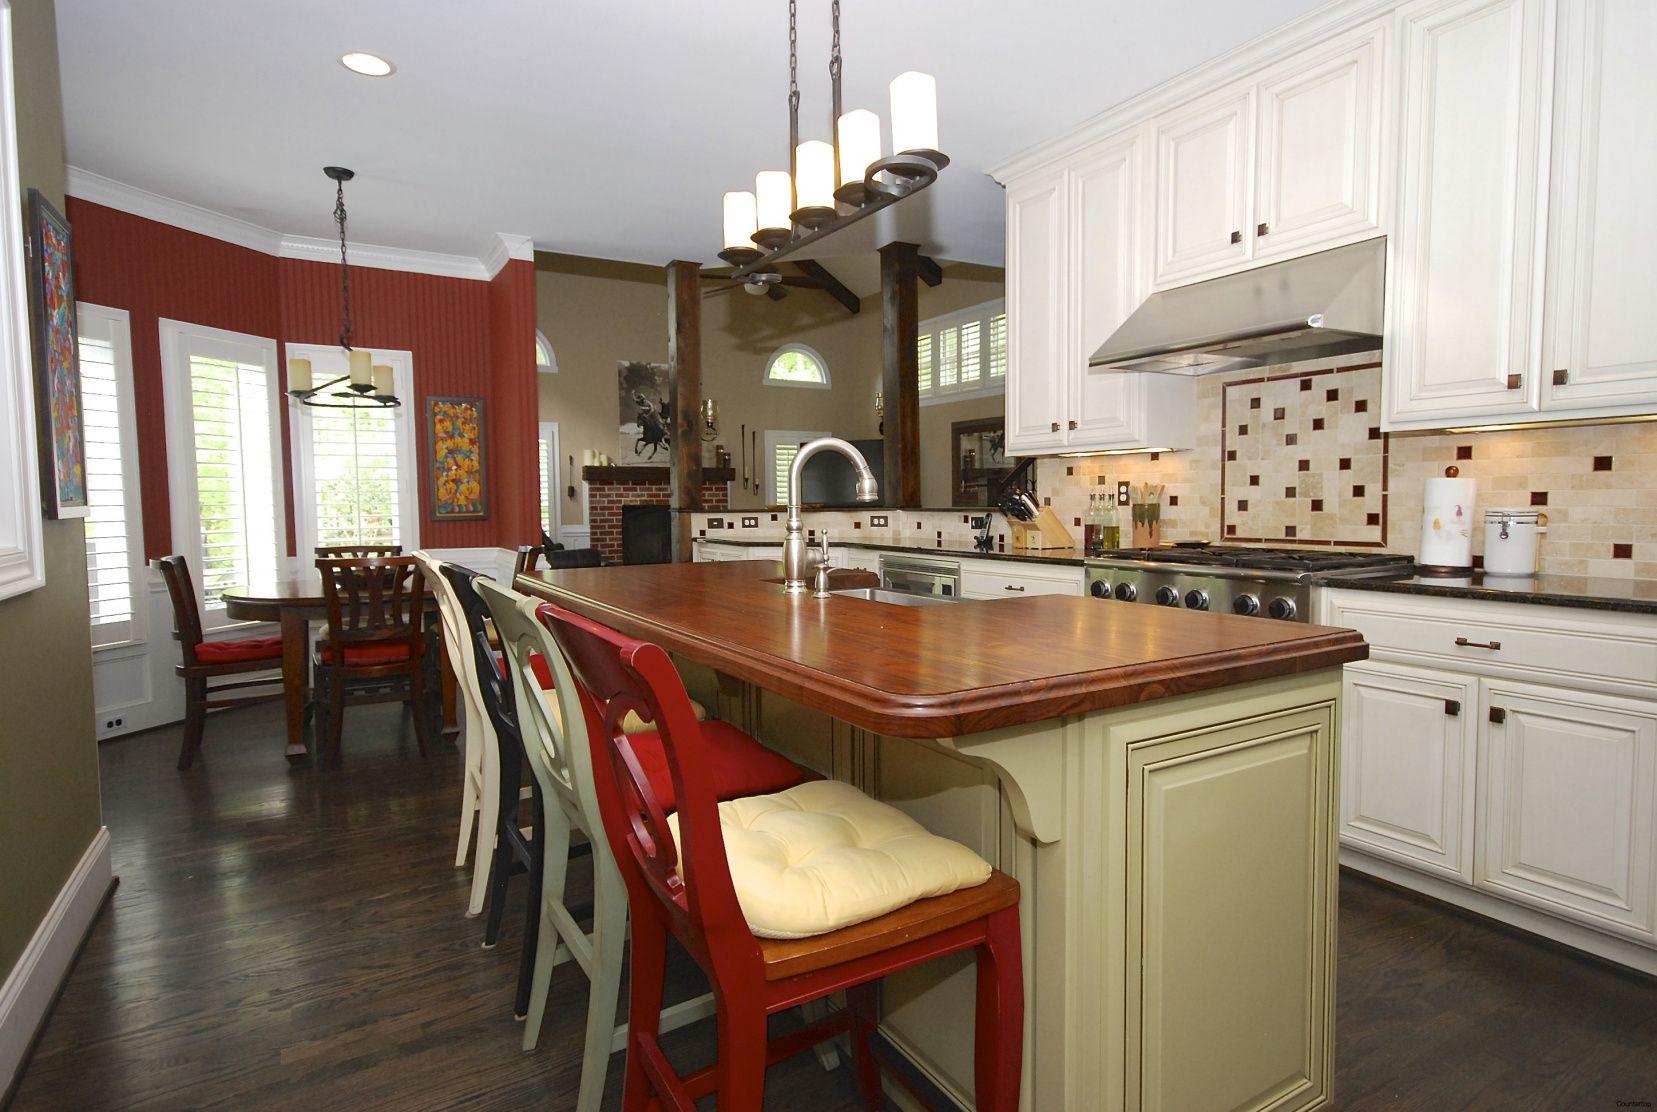 quartz countertops charlotte nc 70 quartz countertops charlotte nc kitchen cabinets storage ideas check more at http